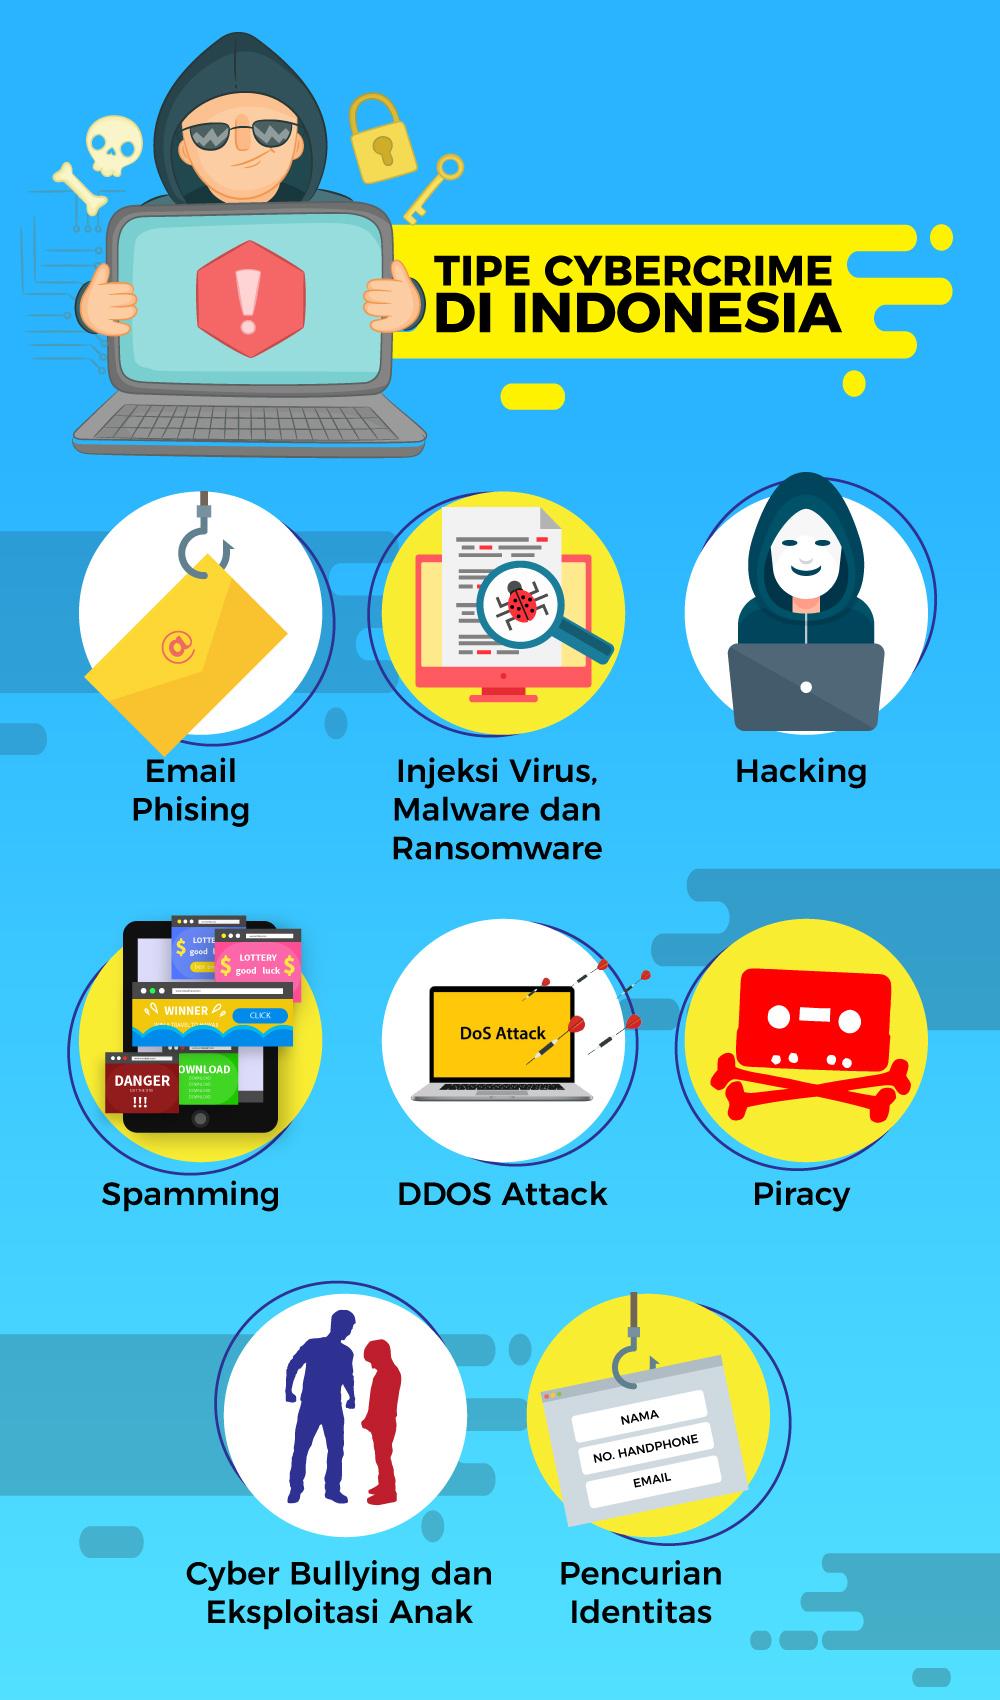 Waspada Di Internet Ini 8 Cyber Crime Yang Lazim Di Indonesia